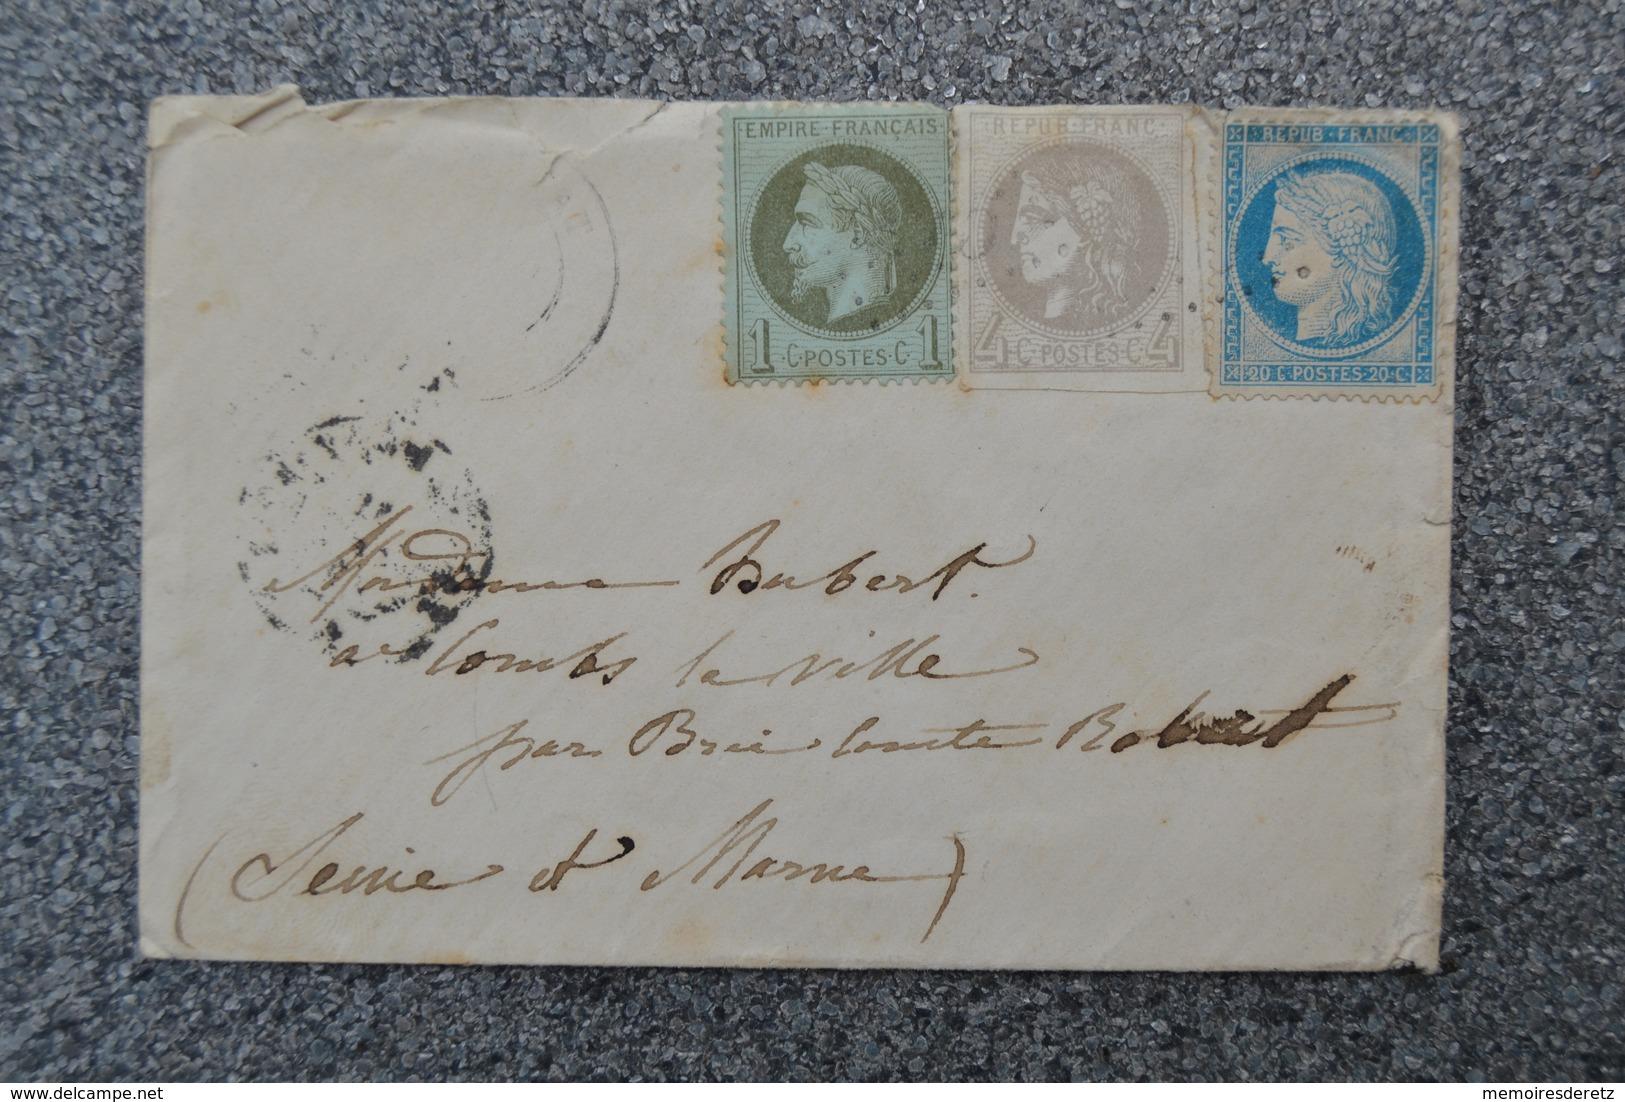 Lettre 1871 Affranchissement Cérès Bordeaux 4 C ND - Napoléon III 1 C - Cérès Paris 20 C - Ambulant Paris Montargis - 1870 Bordeaux Printing